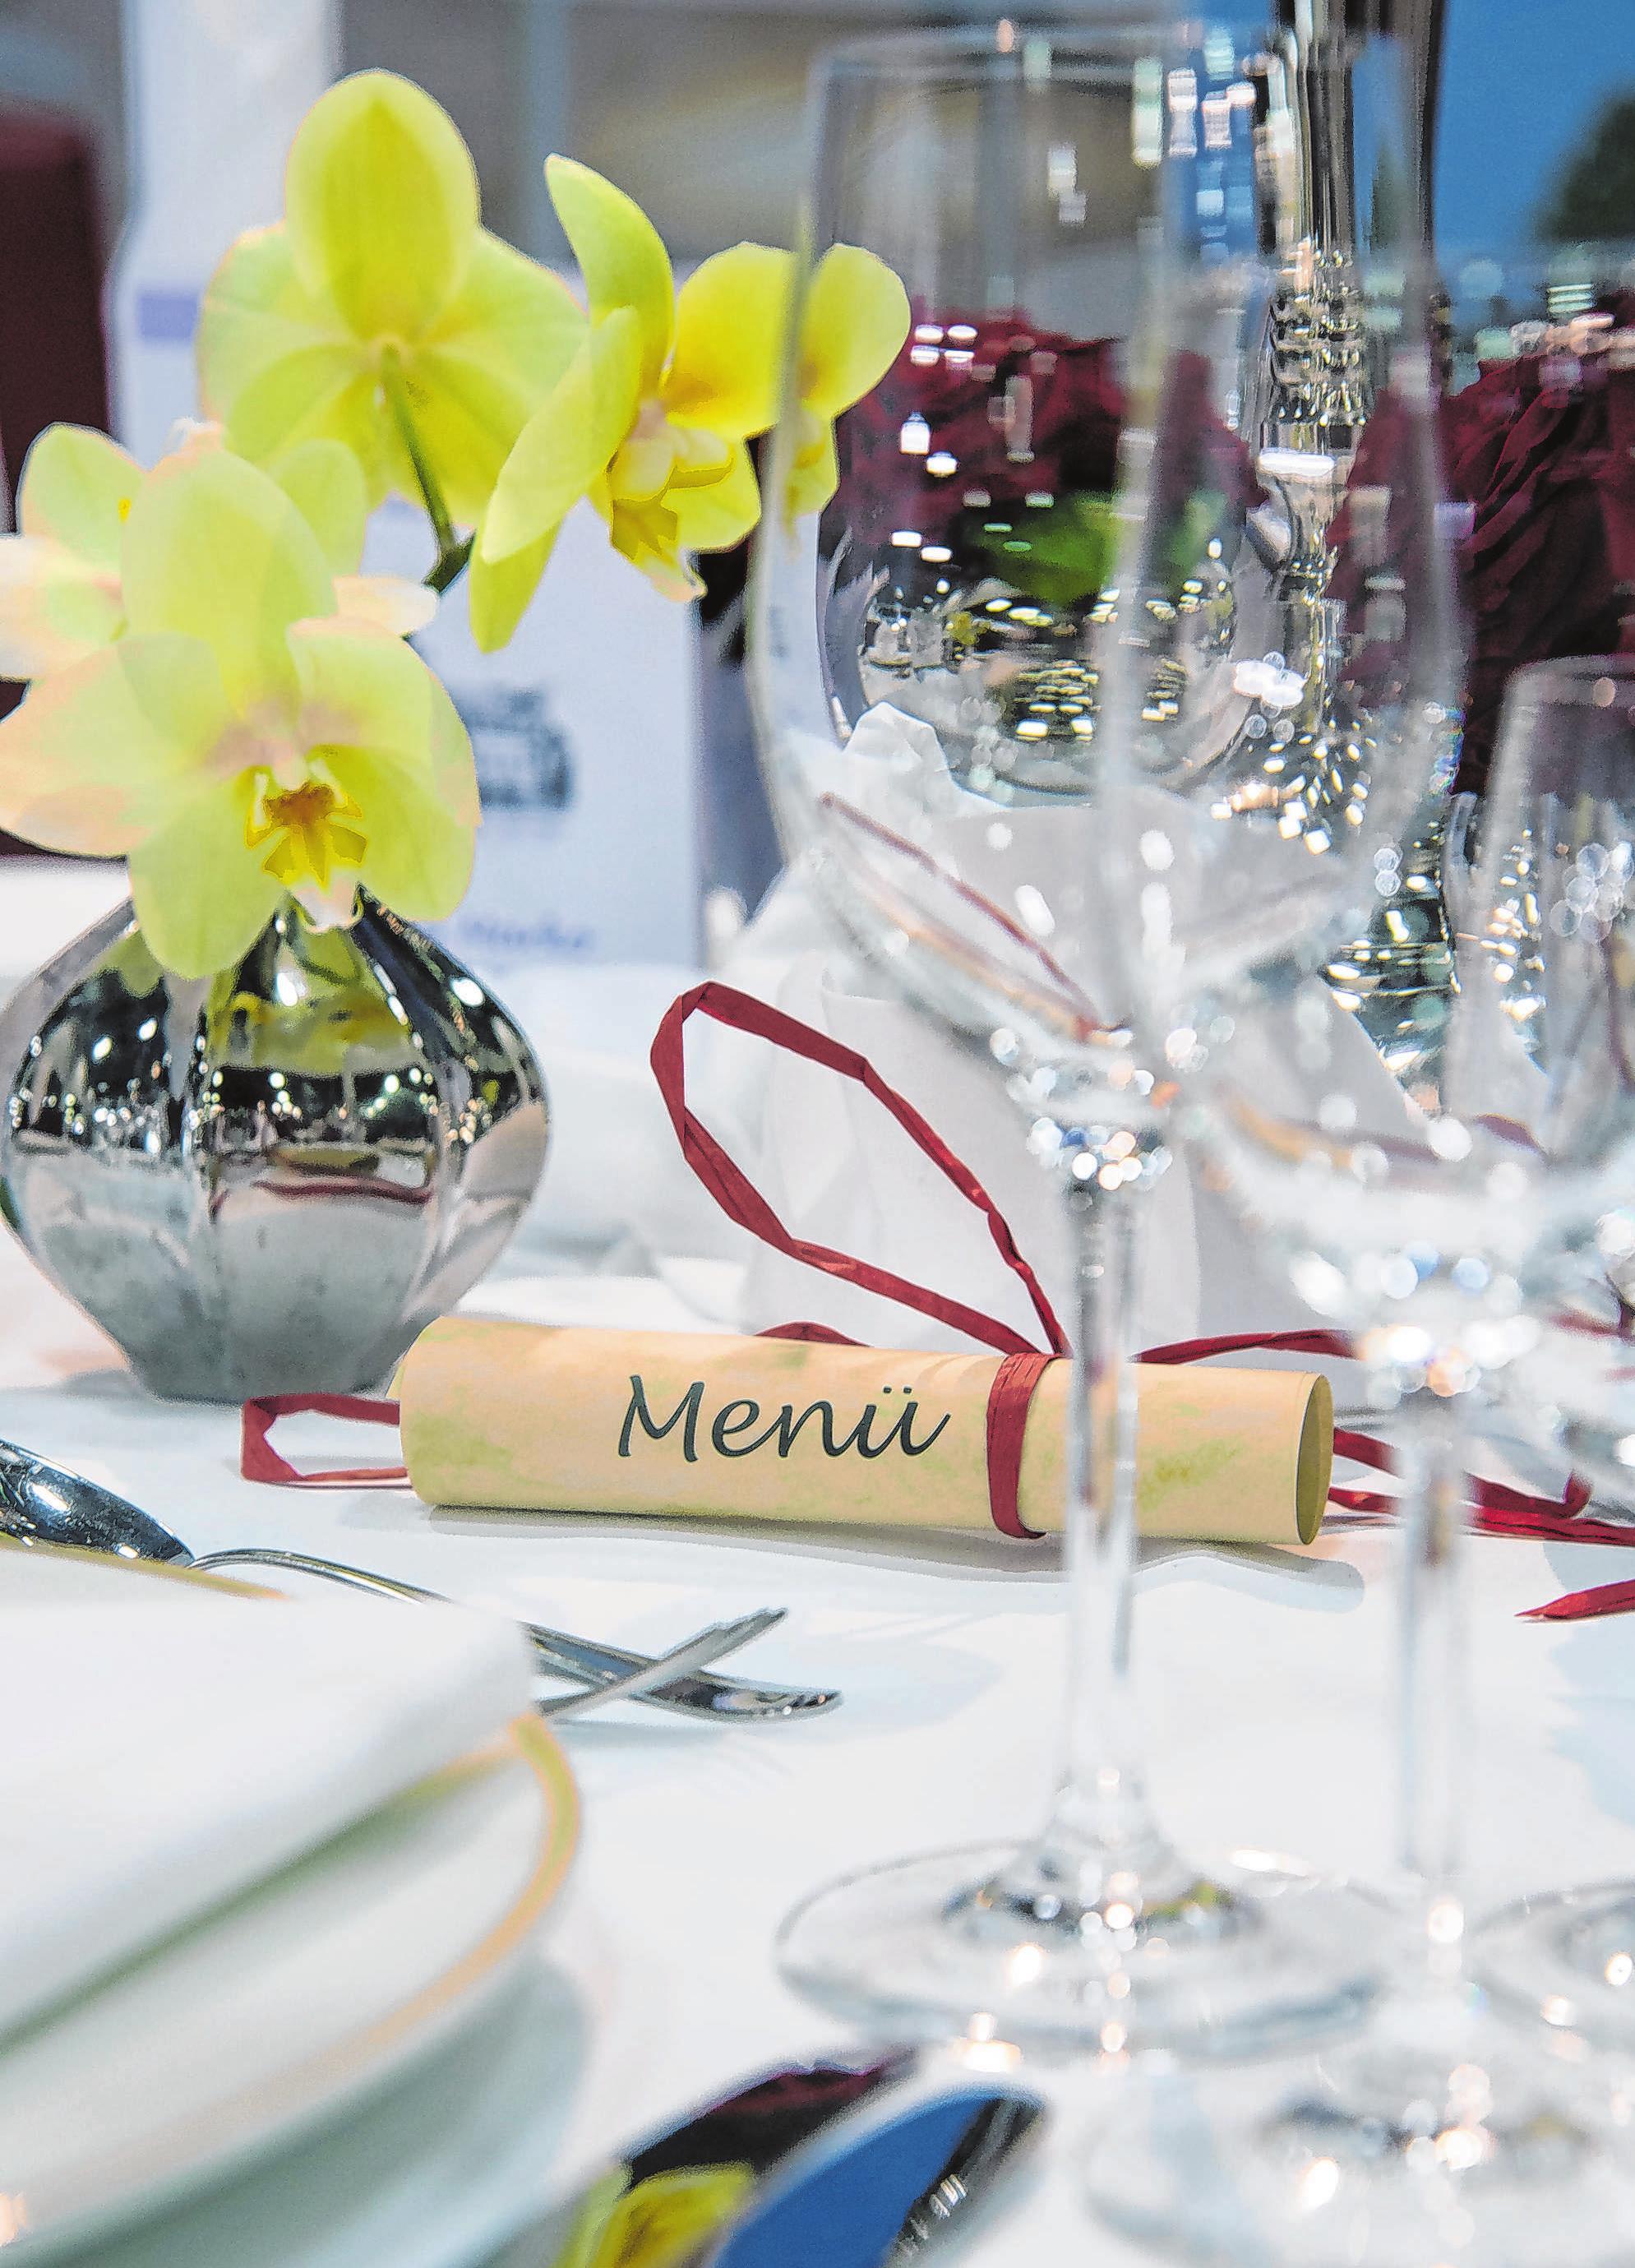 An der Menge des Hochzeitsessens sollte man nicht sparen - doch herzhafte Kost statt ausgefallener Kreationen kann den Geldbeutel schonen. Foto: Andrea Warnecke/dpa-mag